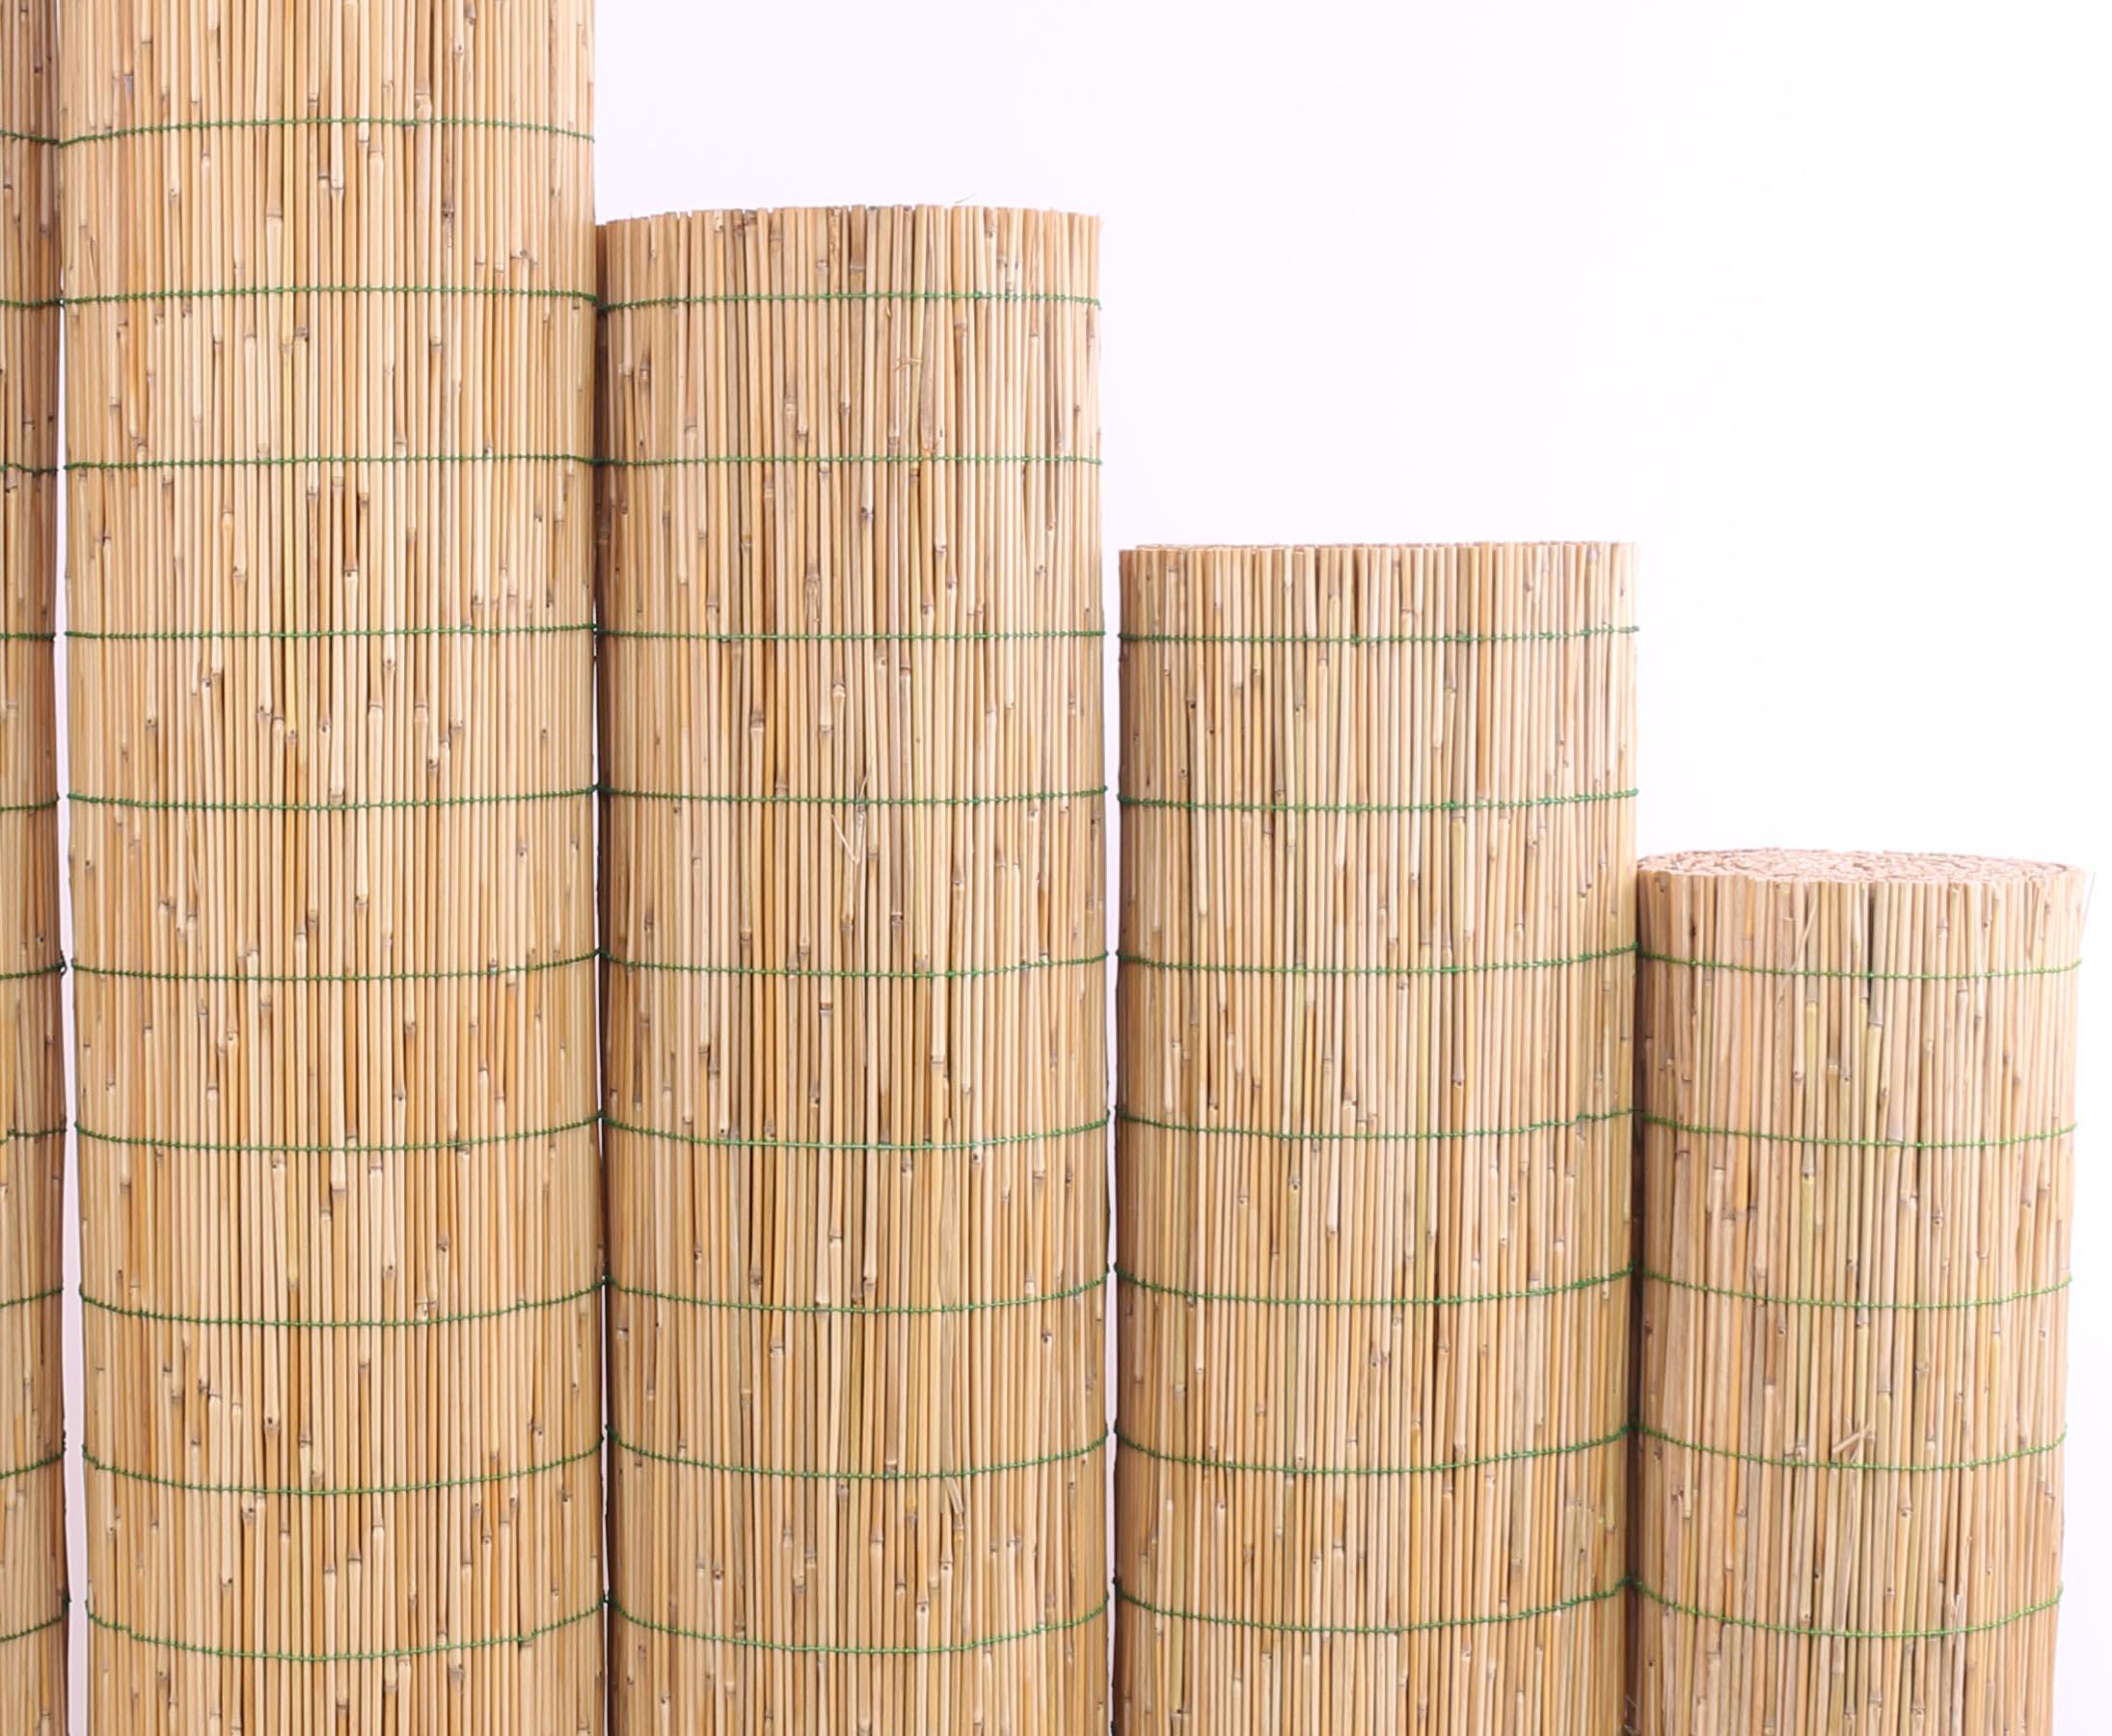 Schilfmatten Mit 180x600cm Als Terrassen Sichtschutz Gunstig Kaufen